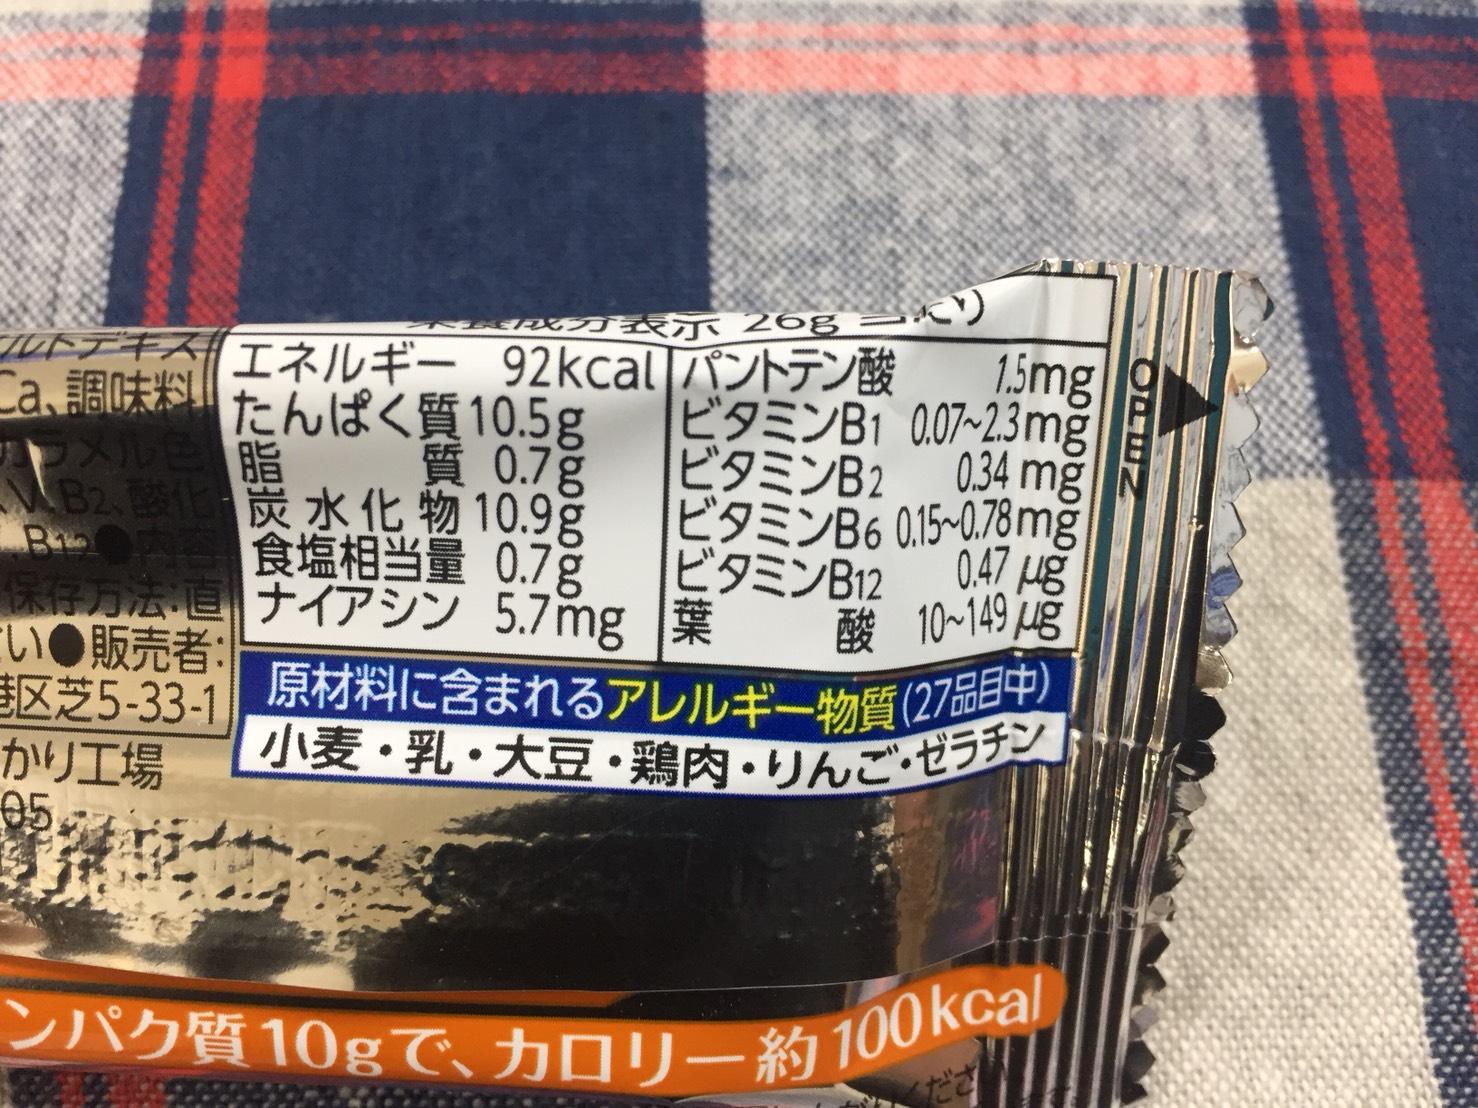 inバー:ヘルシーチキン味の成分表